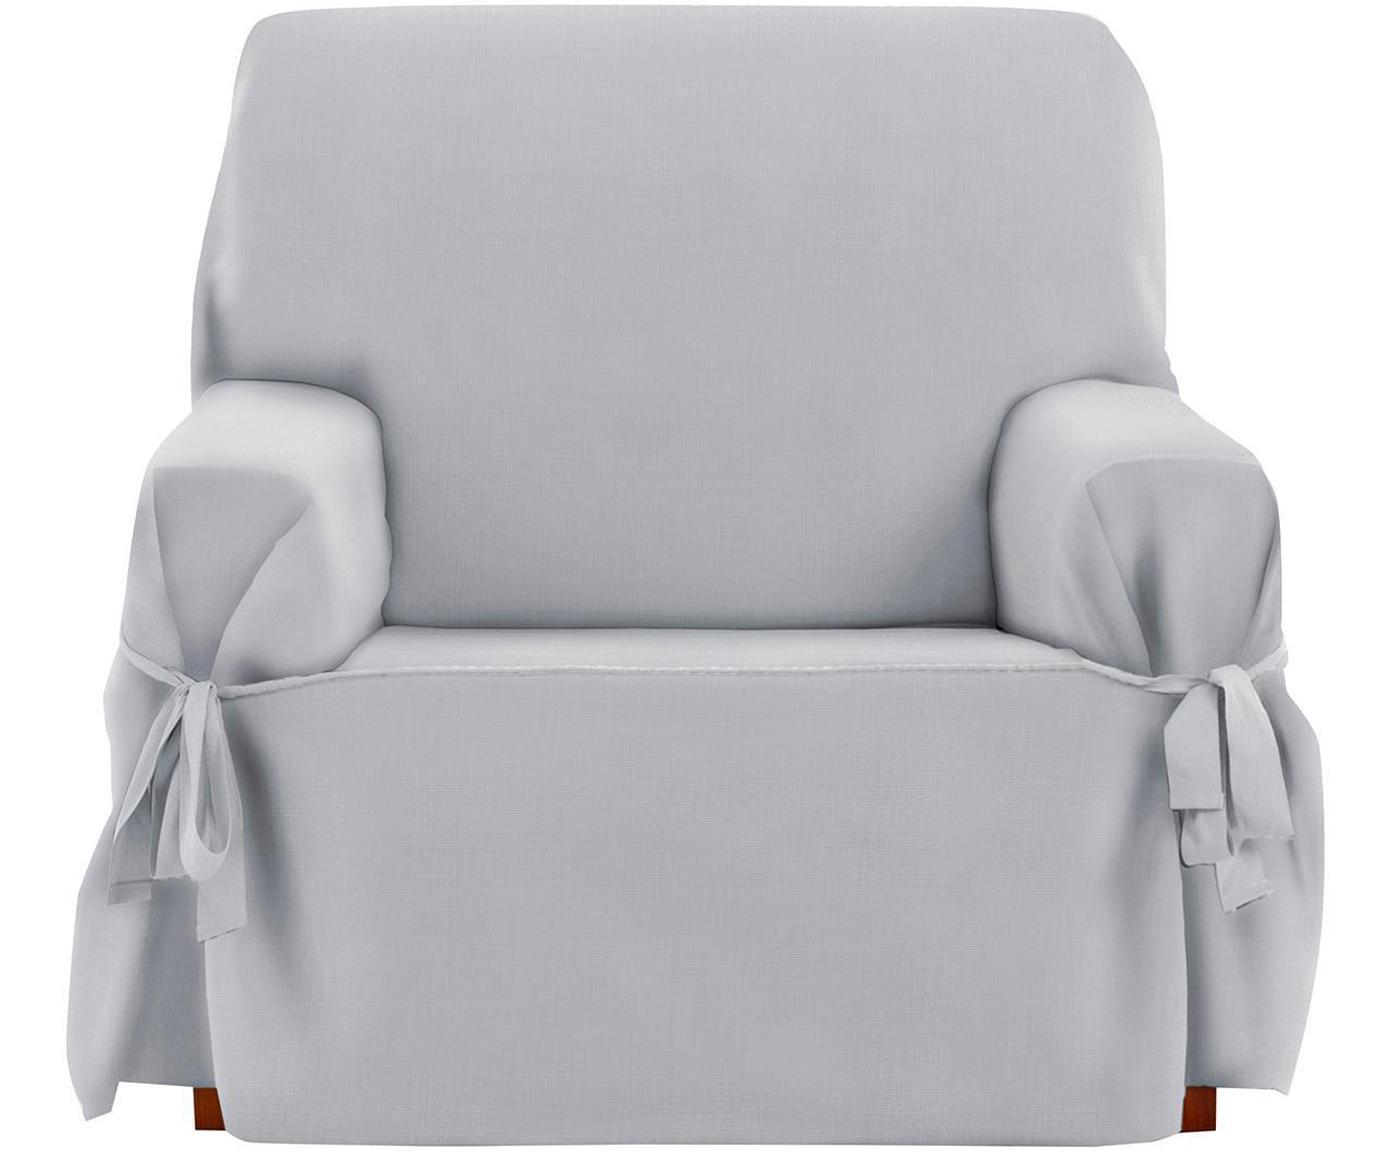 Funda de sillón Levante, 50%algodón, 50%poliéster, Gris, An 120 x Al 110 cm